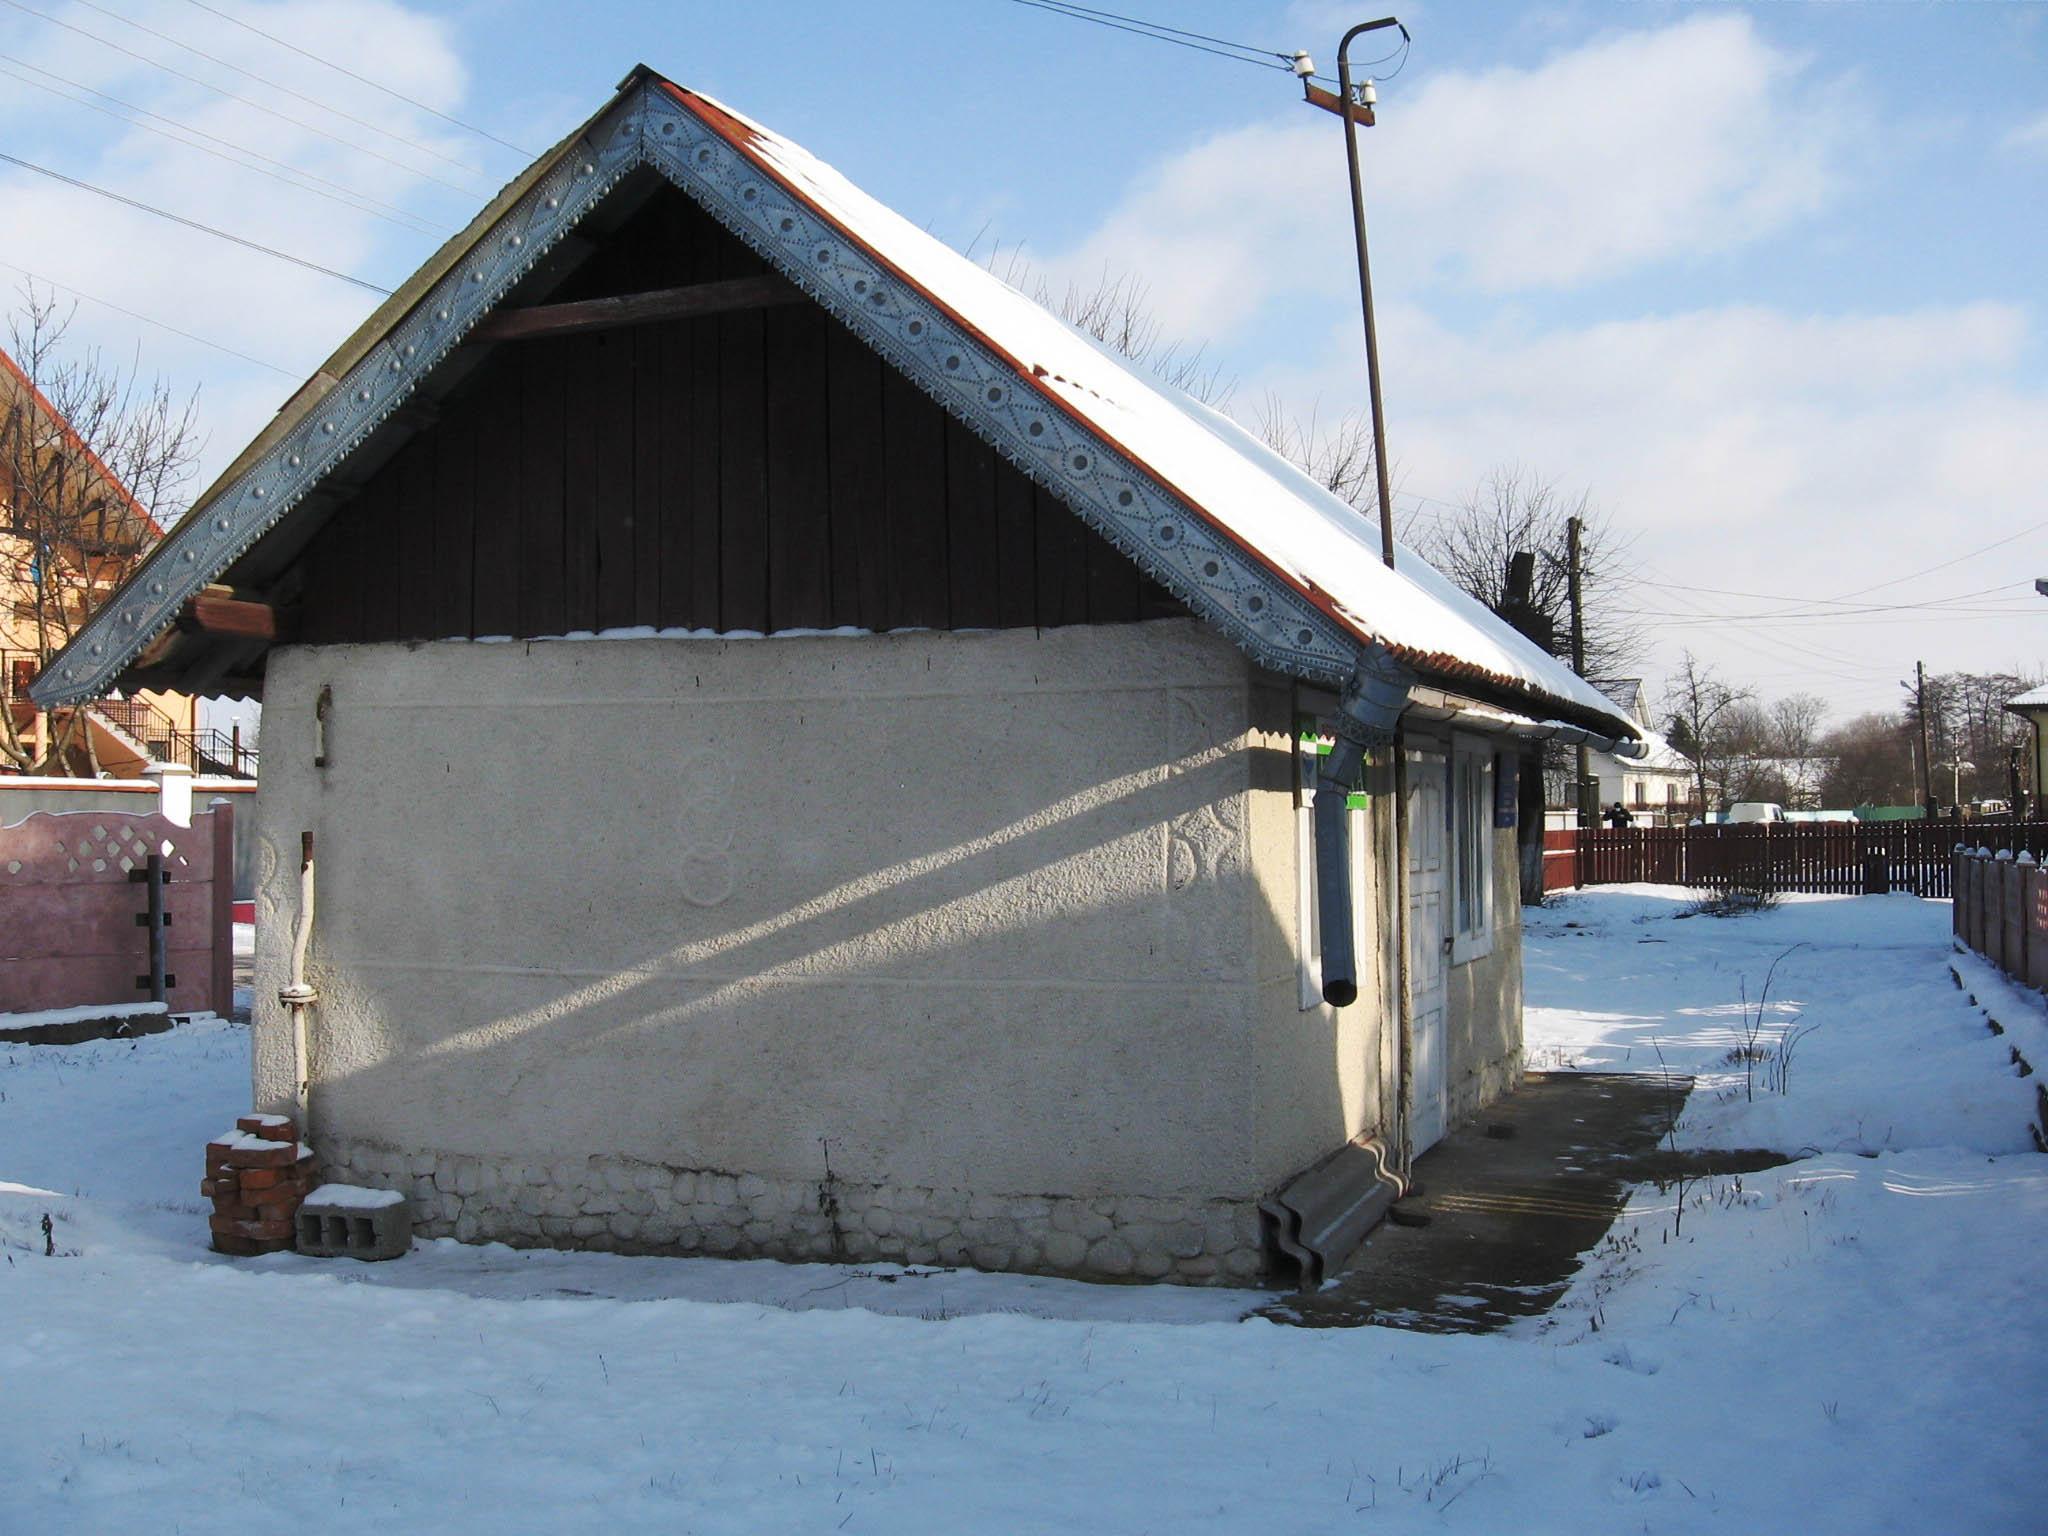 Франківське комунальне підприємство купило на аукціоні халабуду по 530 доларів за метр площі